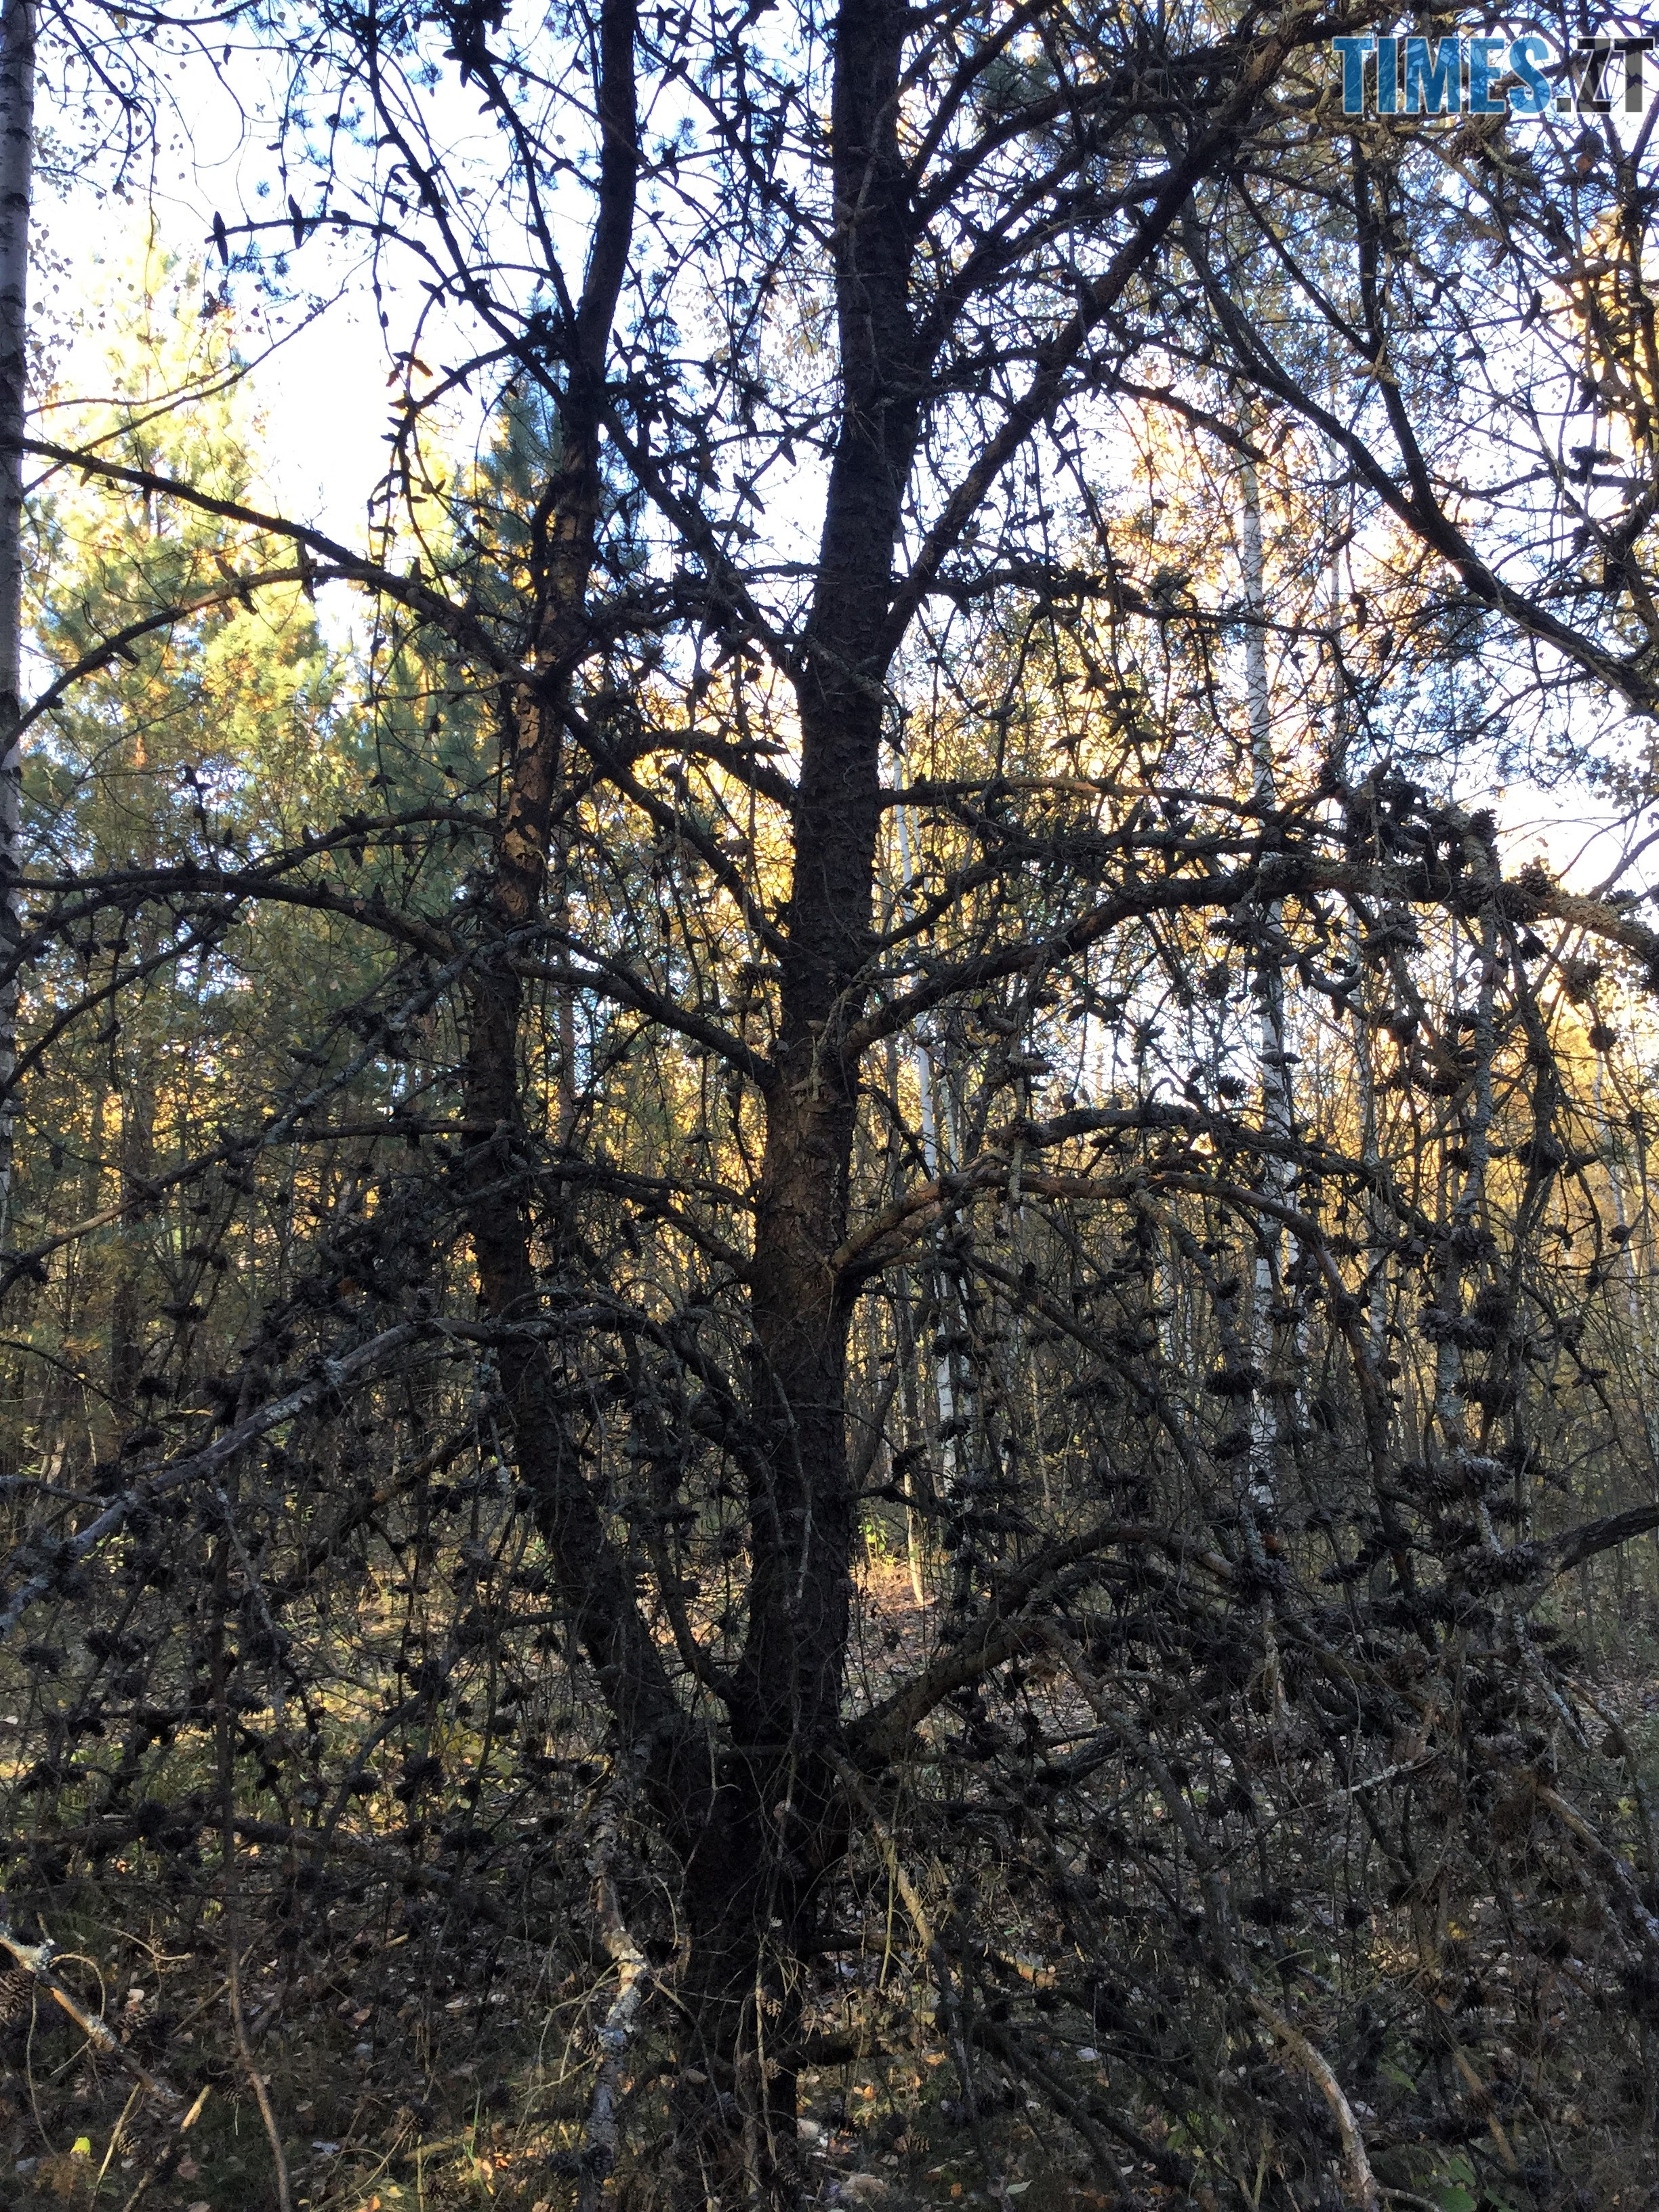 IMG 1309 - Осінні барви: бабине літо на Житомирщині